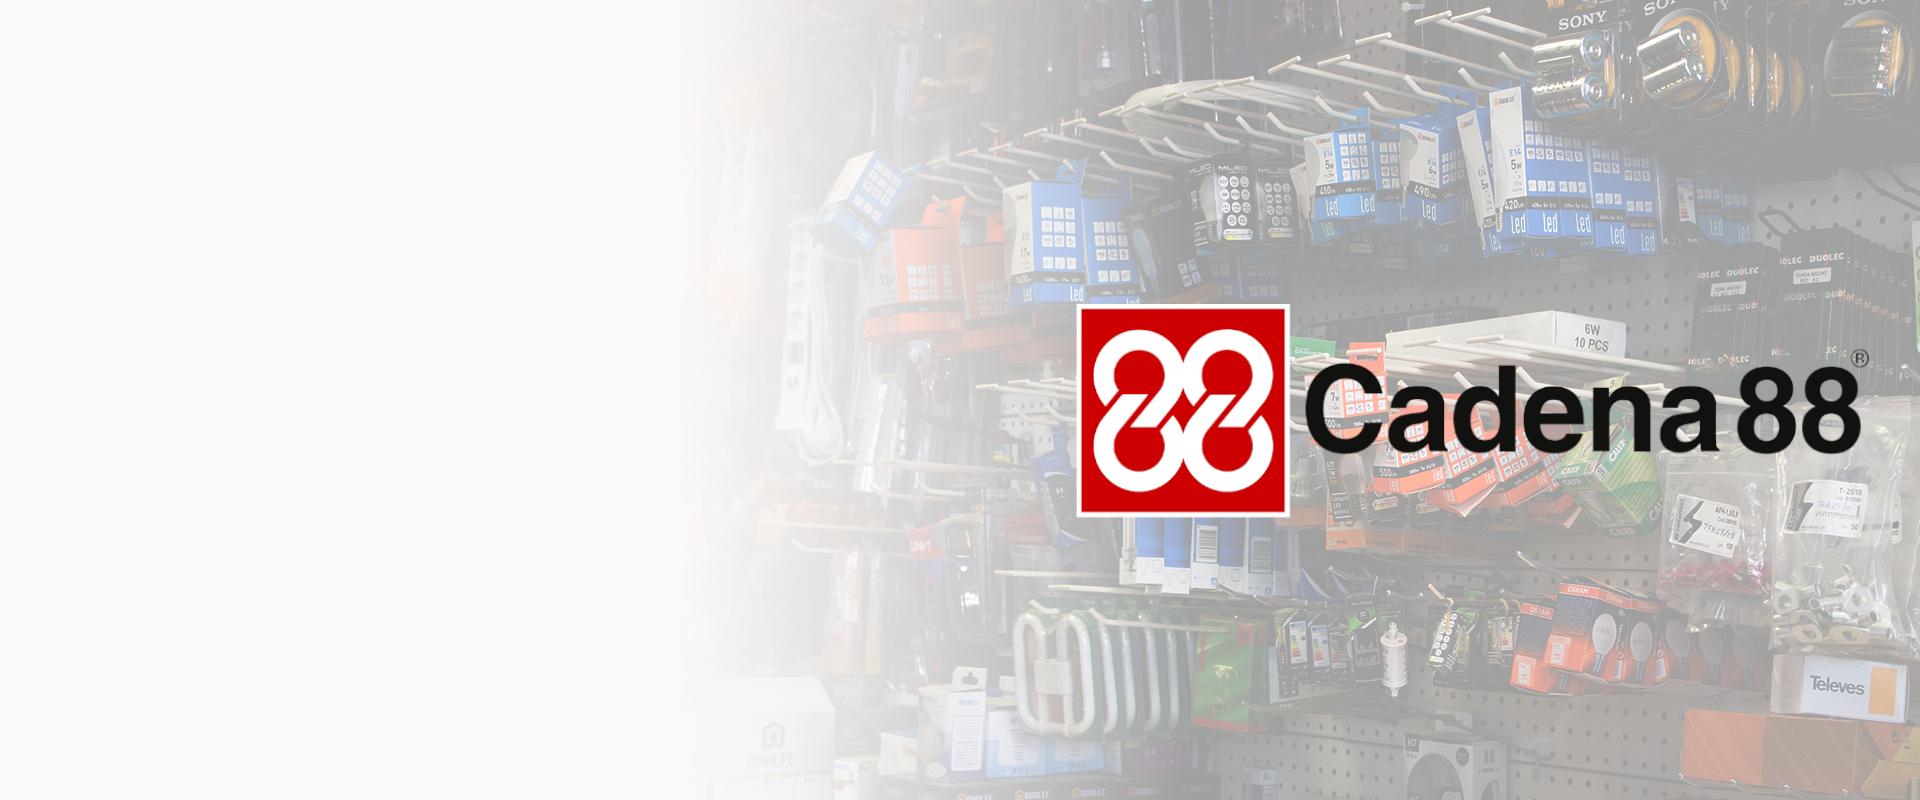 Cadena 88